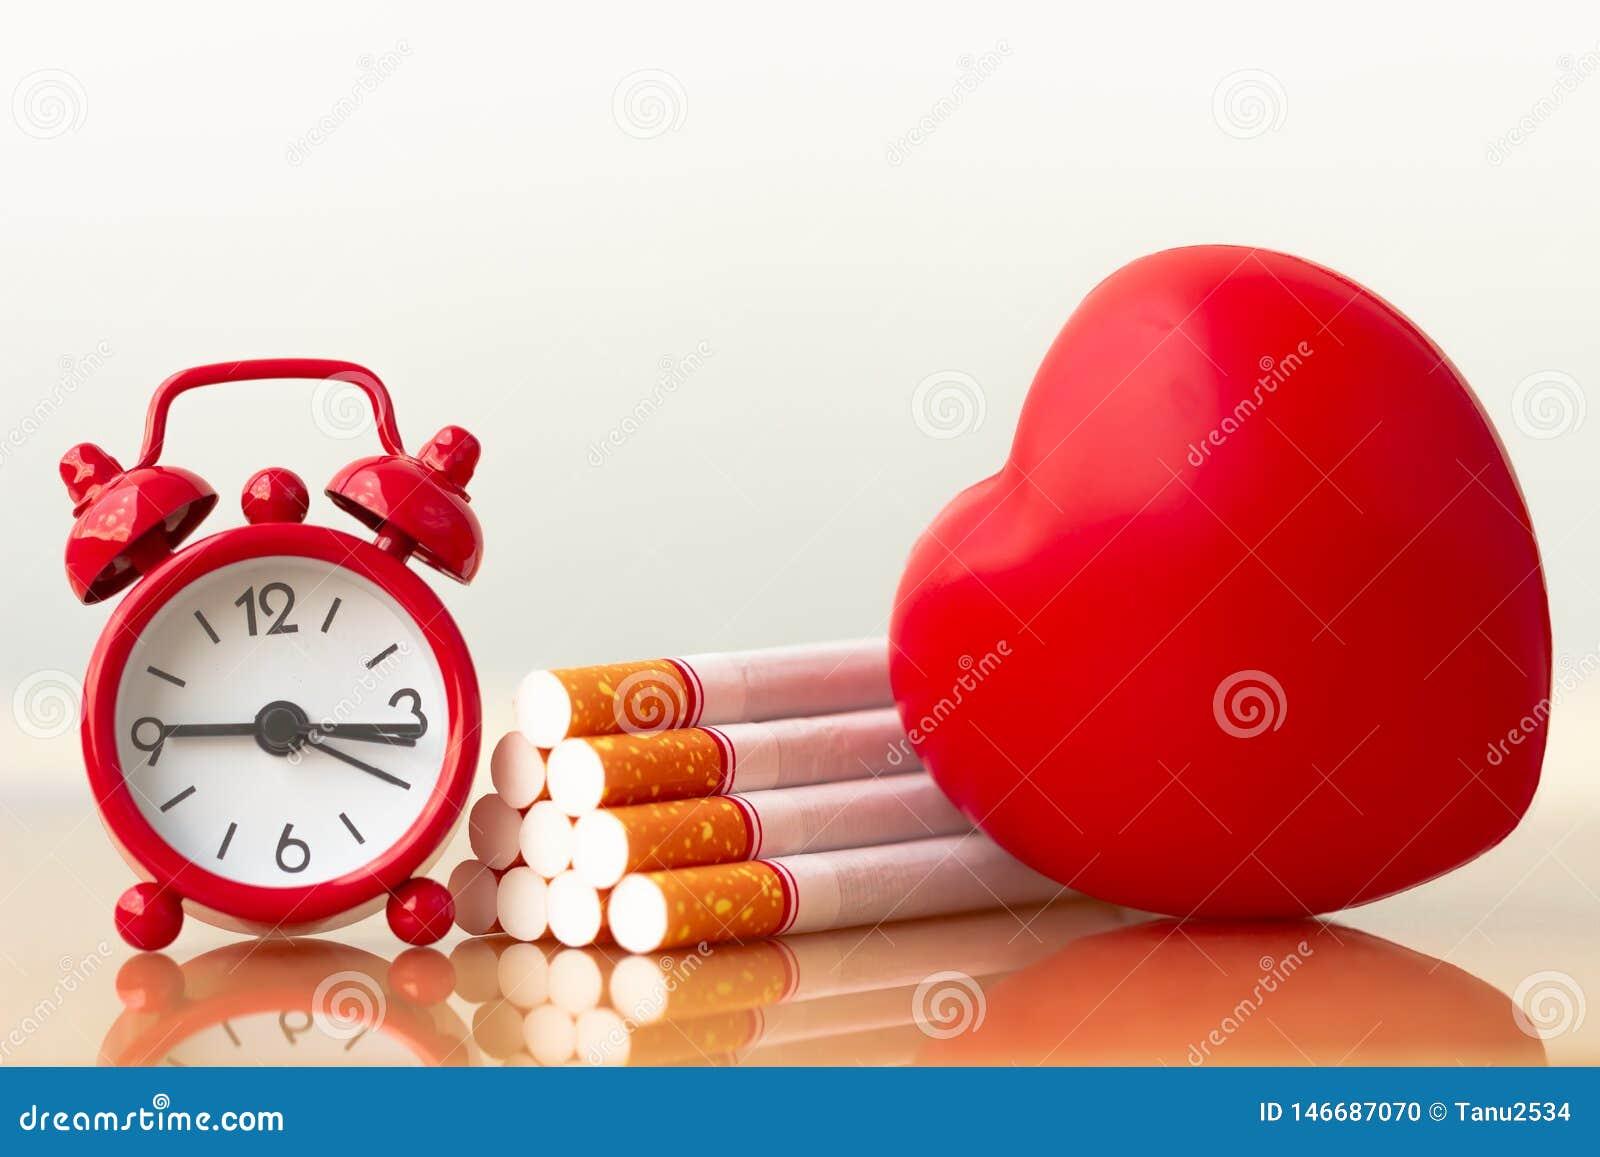 R?d hj?rta och cigaretter R?ka f?rst?rande h?lsa f?r cigarett